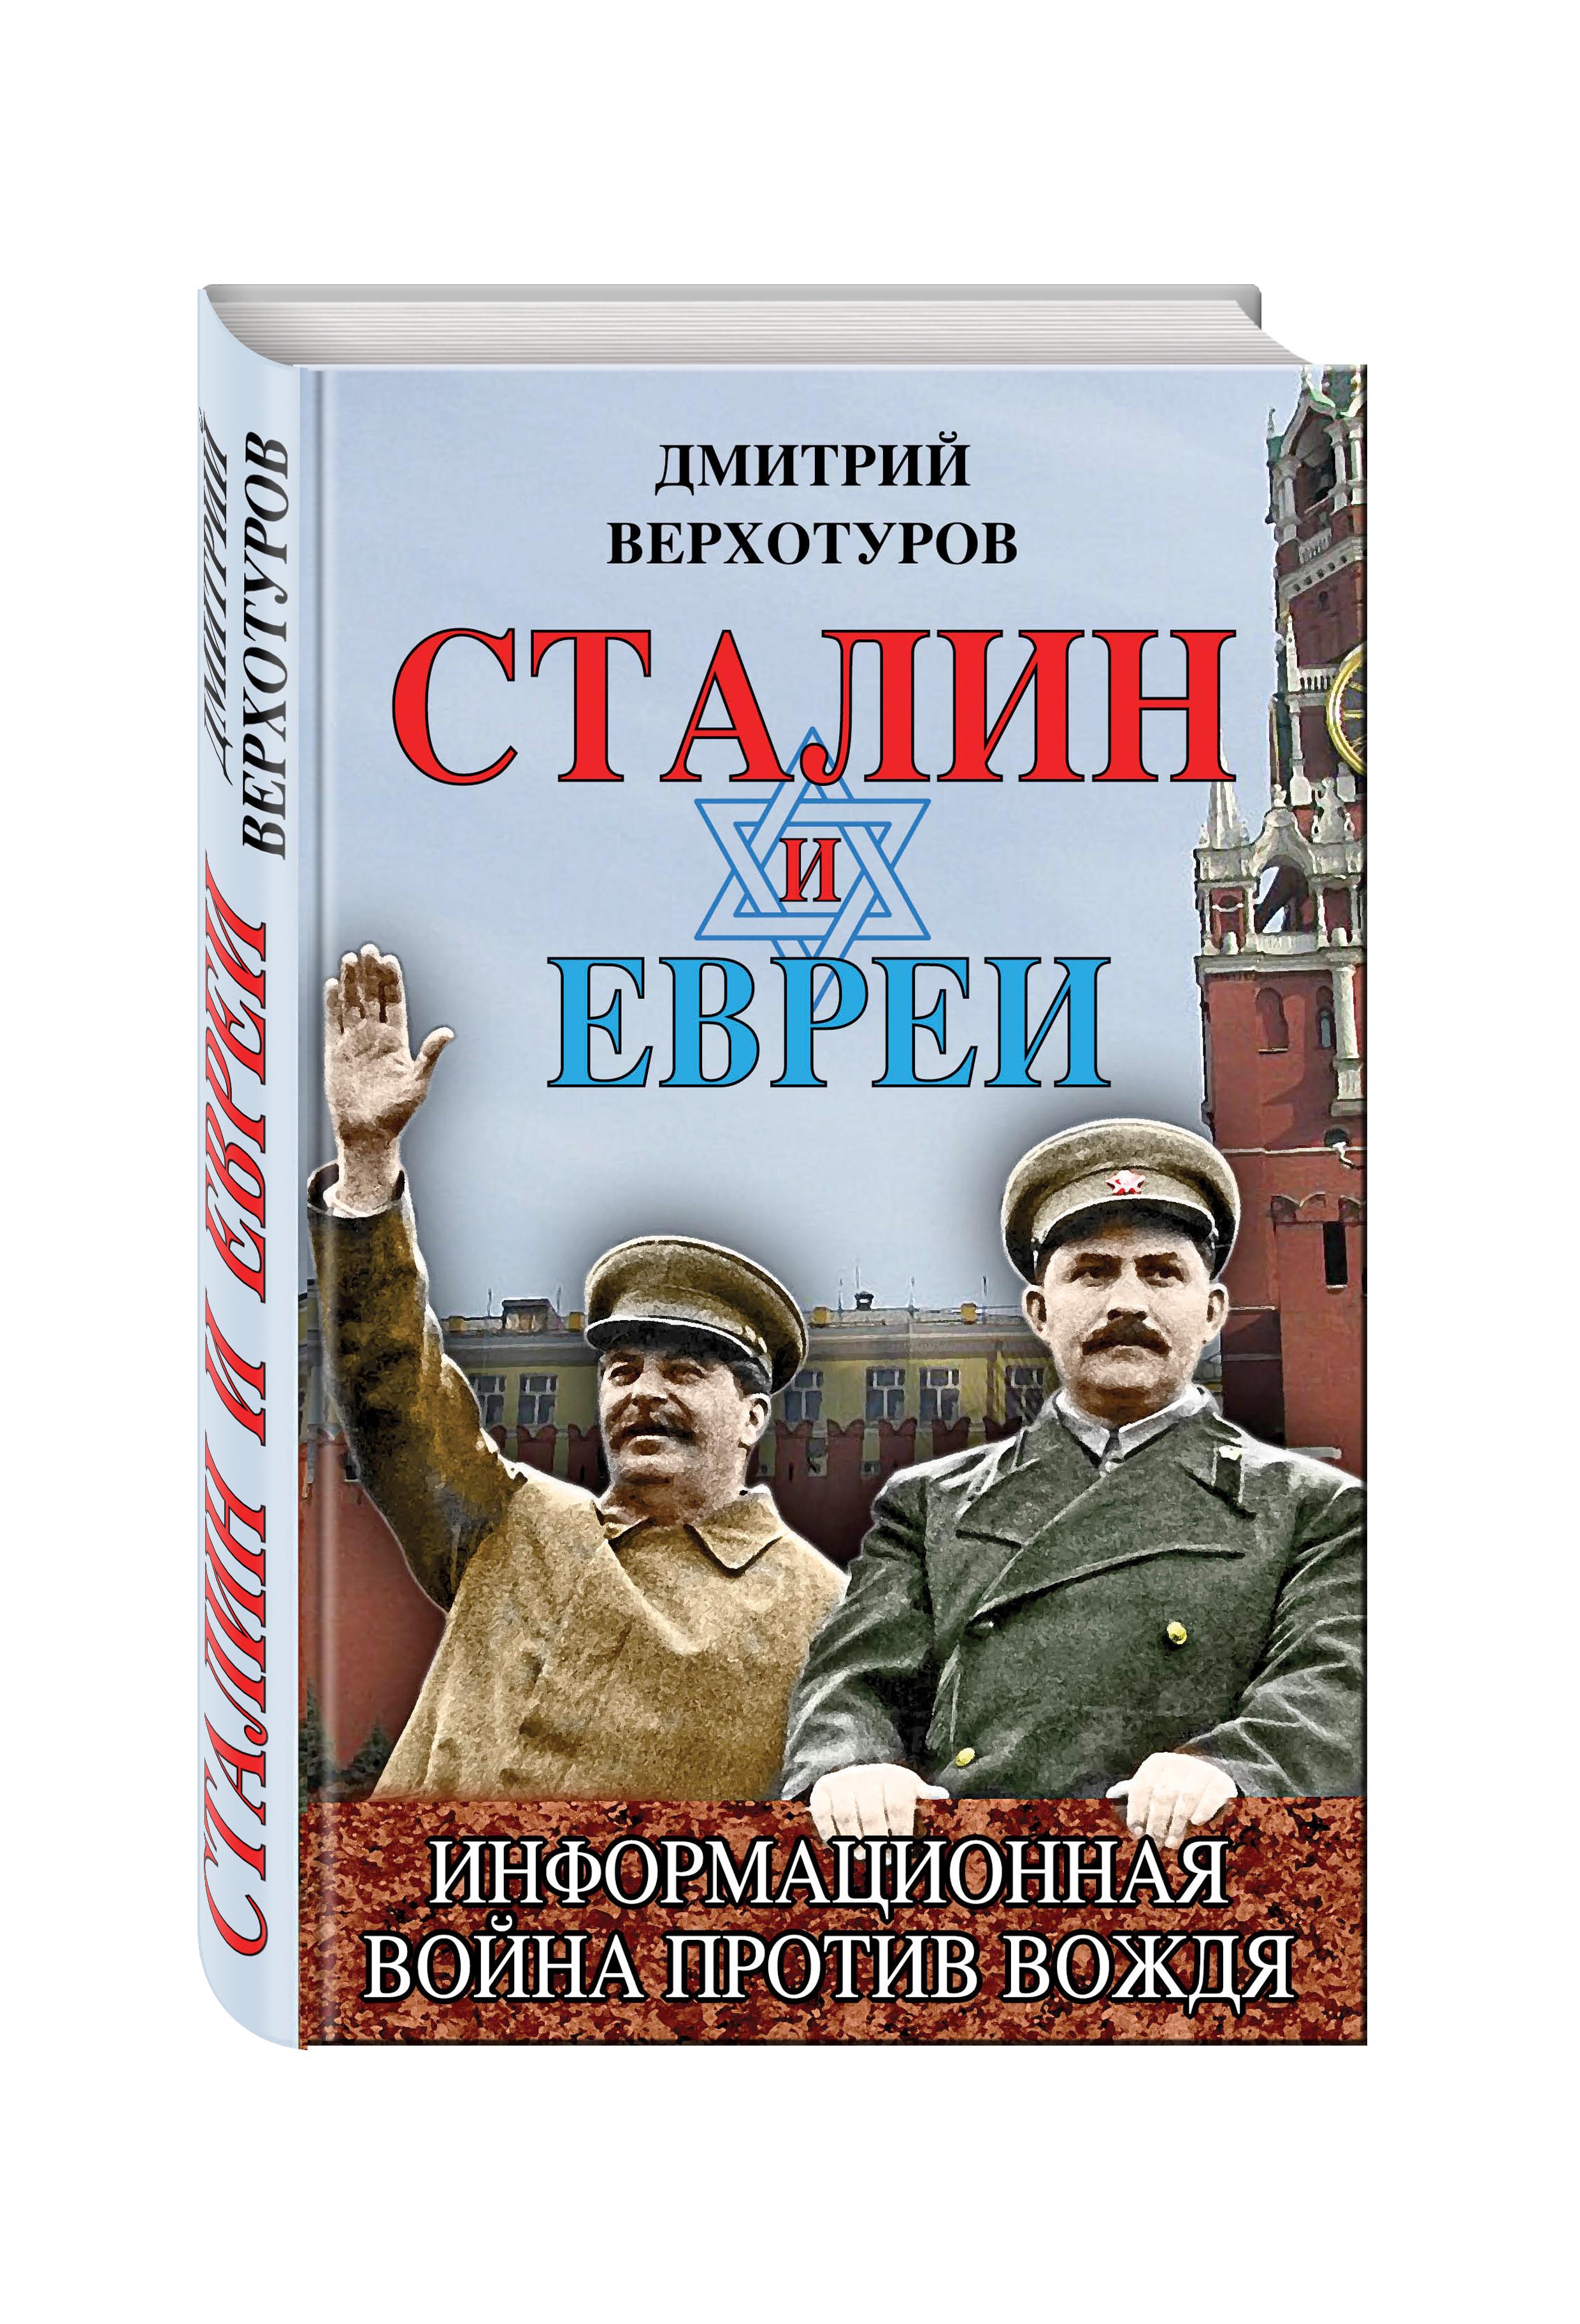 Дмитрий Верхотуров Сталин и евреи. Информационная война против Вождя